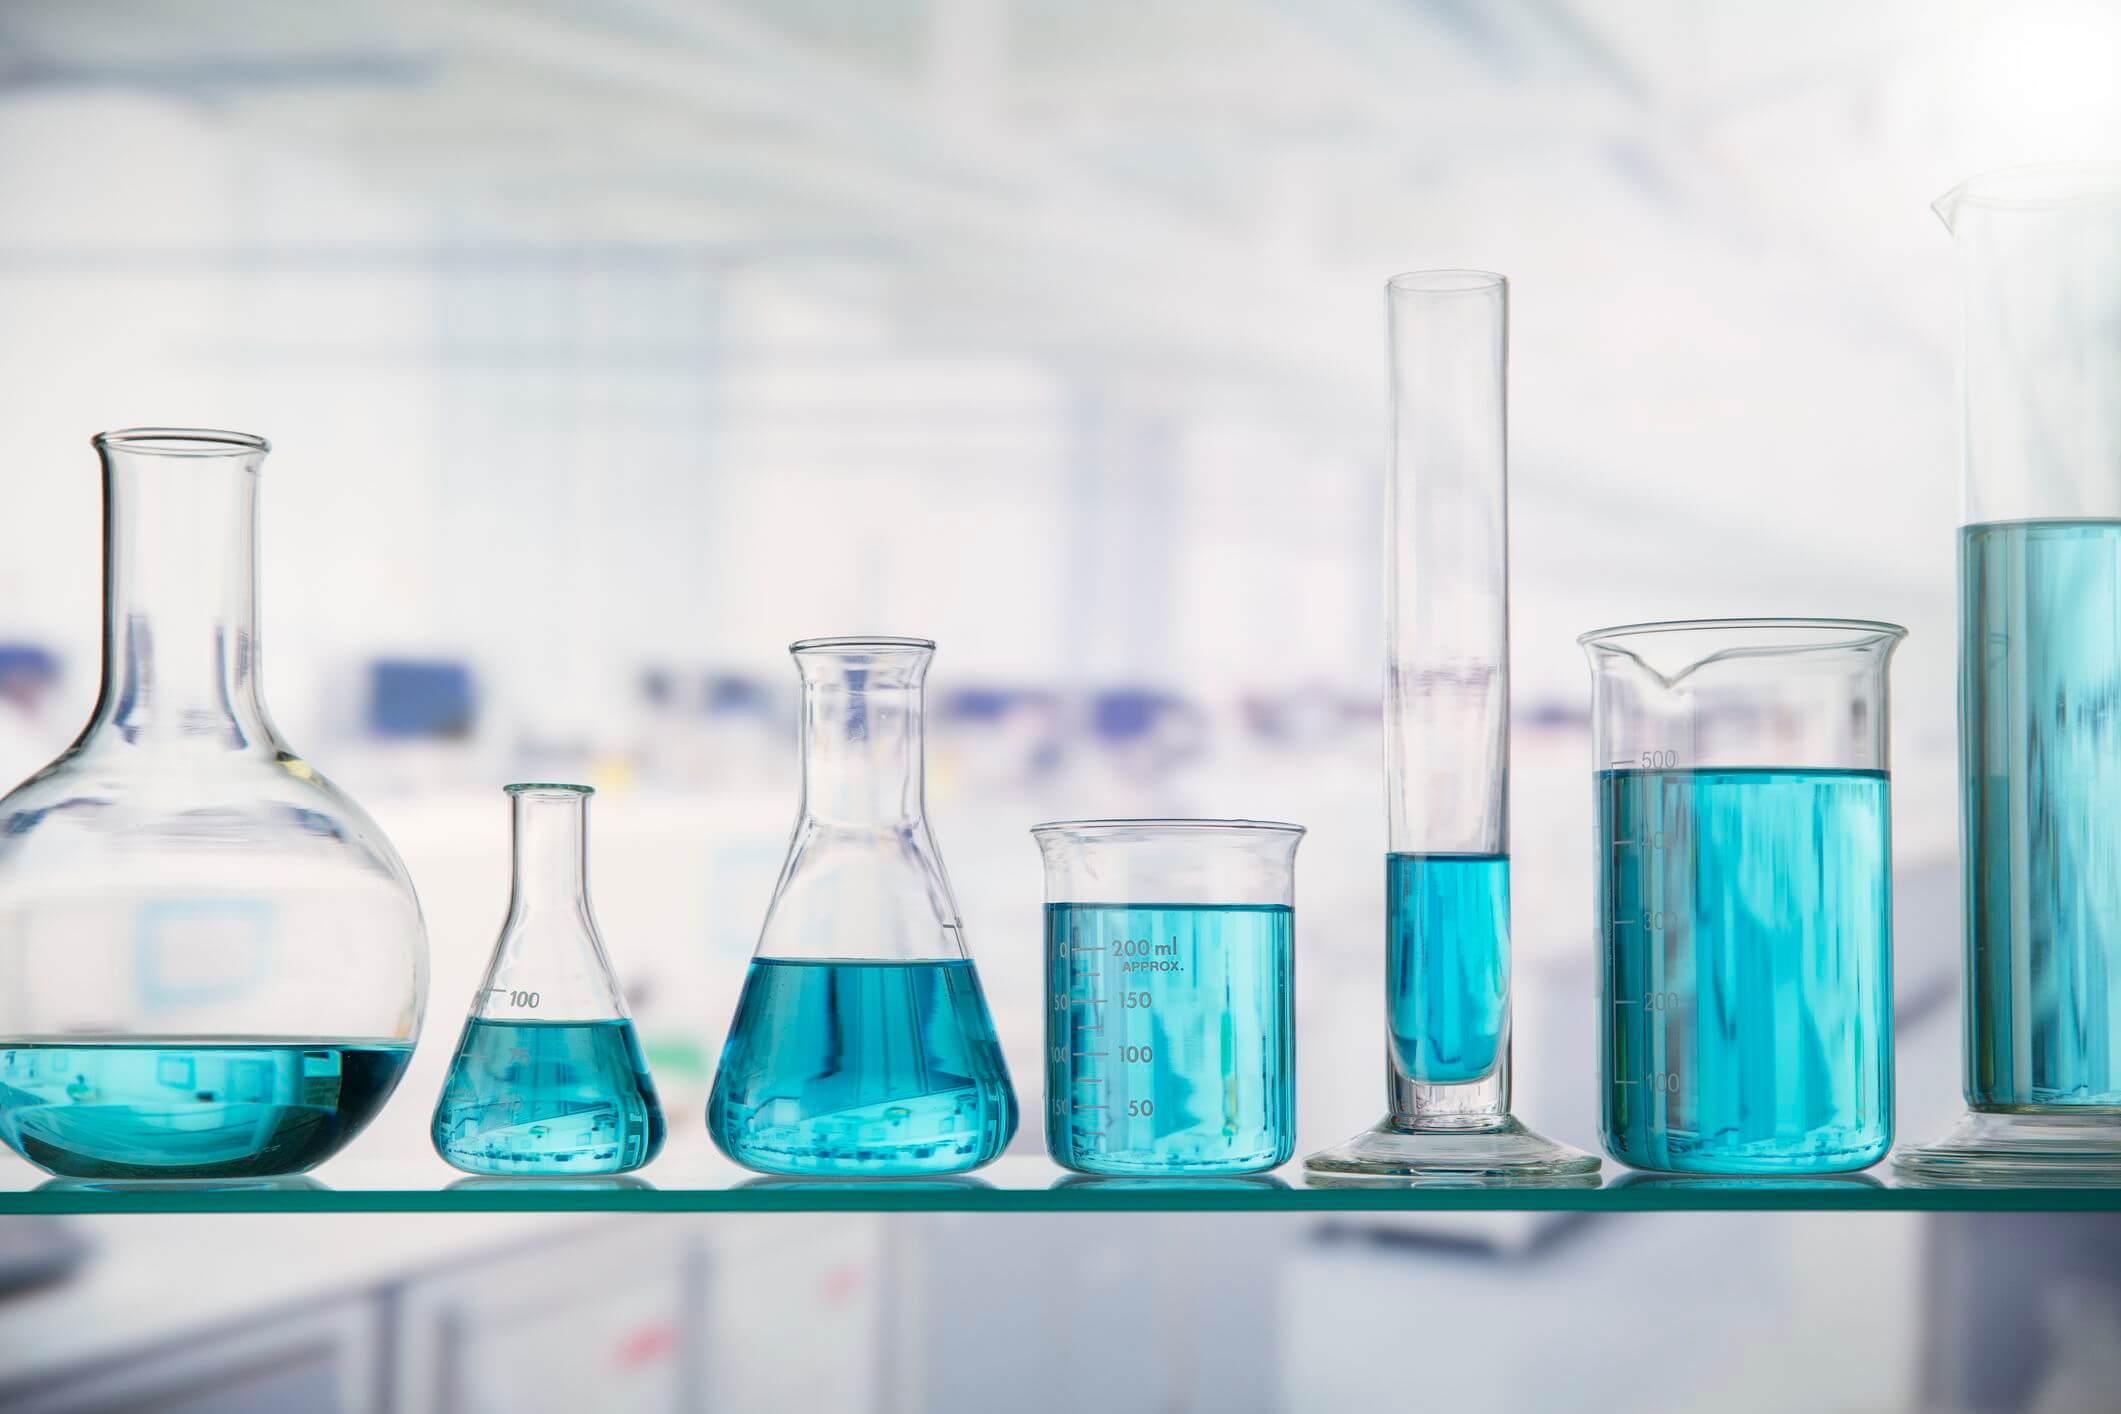 Axit metacrylic là gì? Tính chất vật lý và ứng dụng của Axit metacrylic.